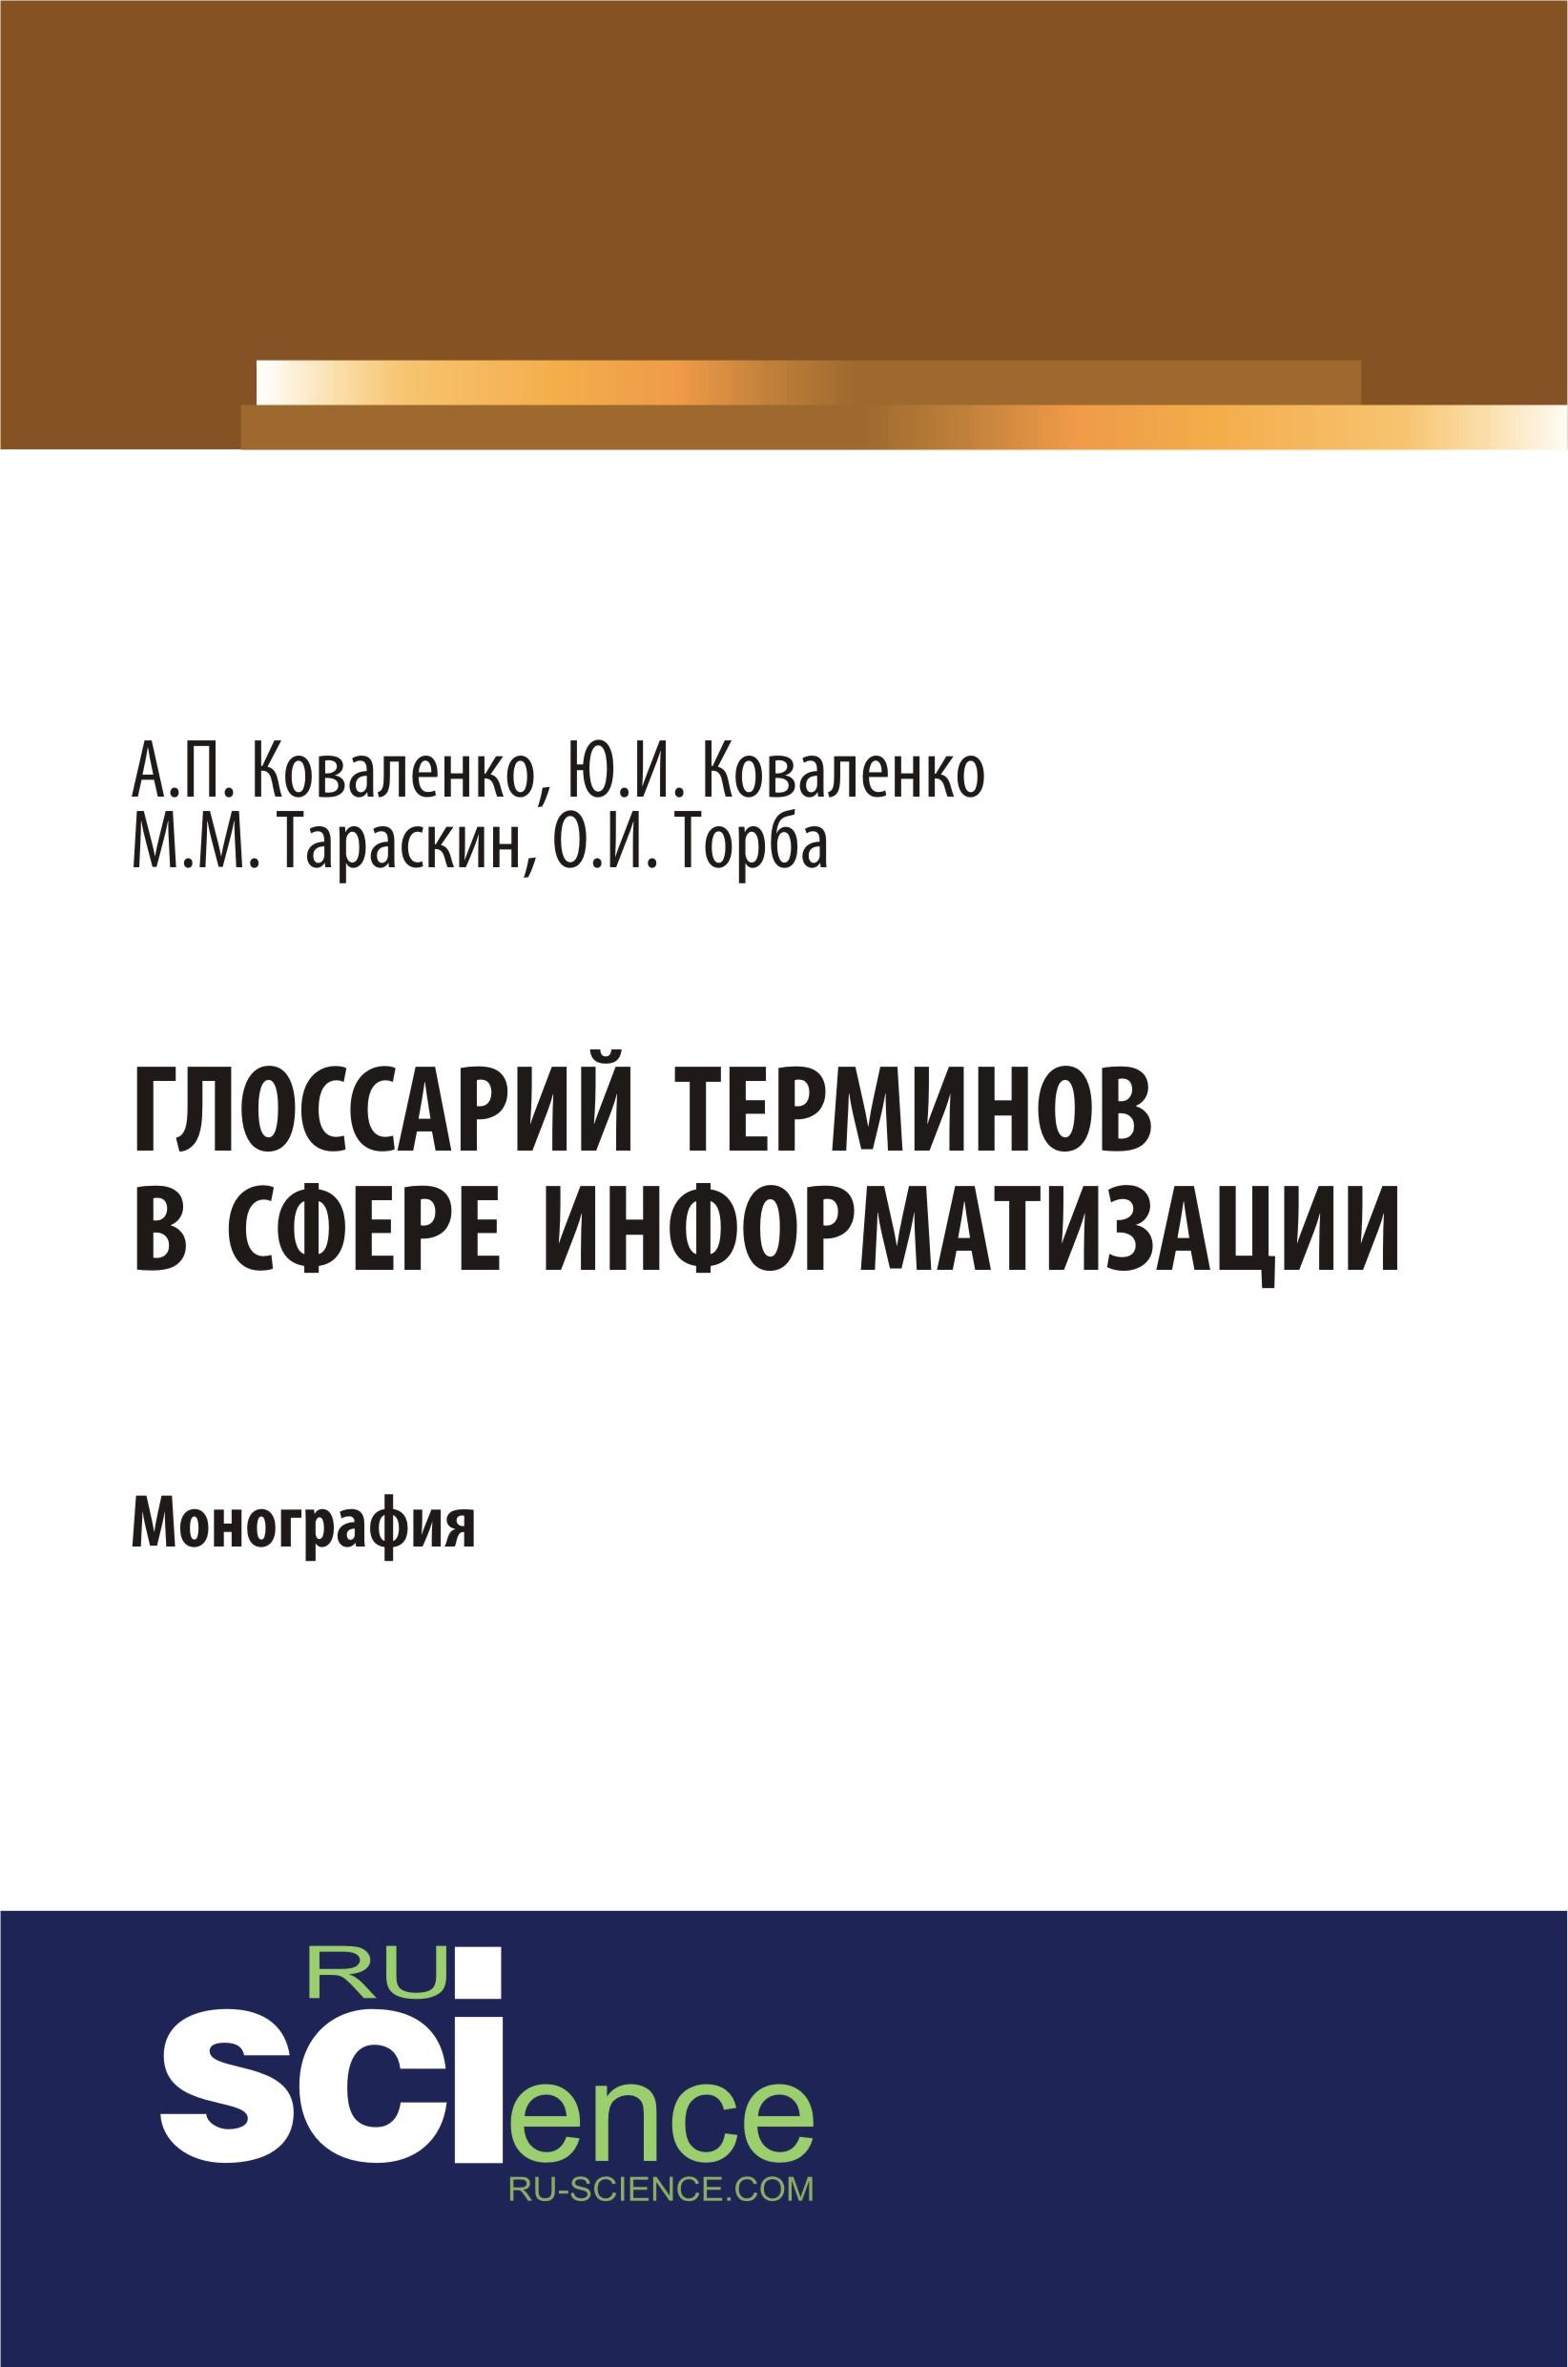 Ю. И. Коваленко Глоссарий терминов в сфере информатизации